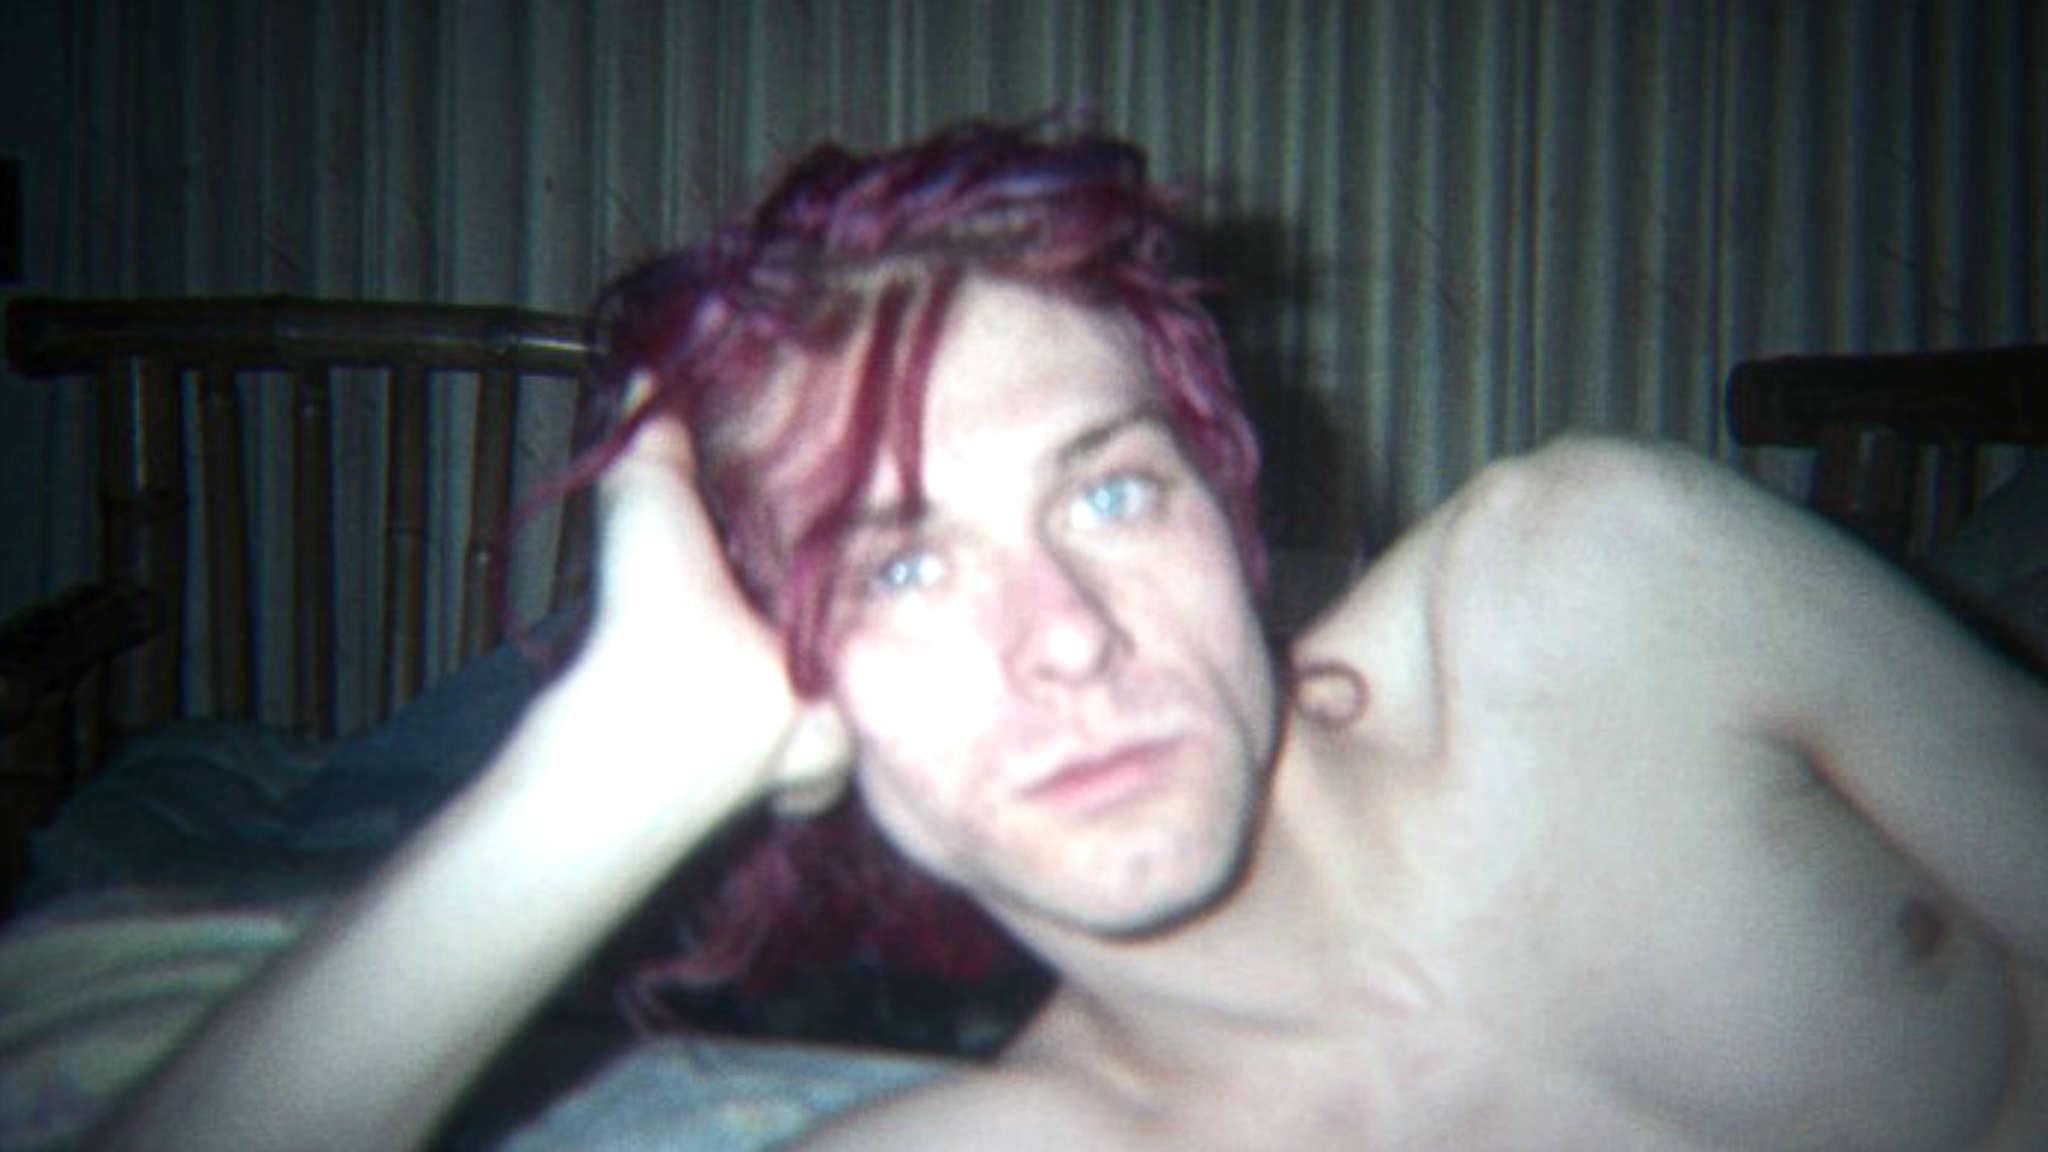 Källarvarelser - Kurt Cobain, Ulrich Seidl och filmstaden Detroit